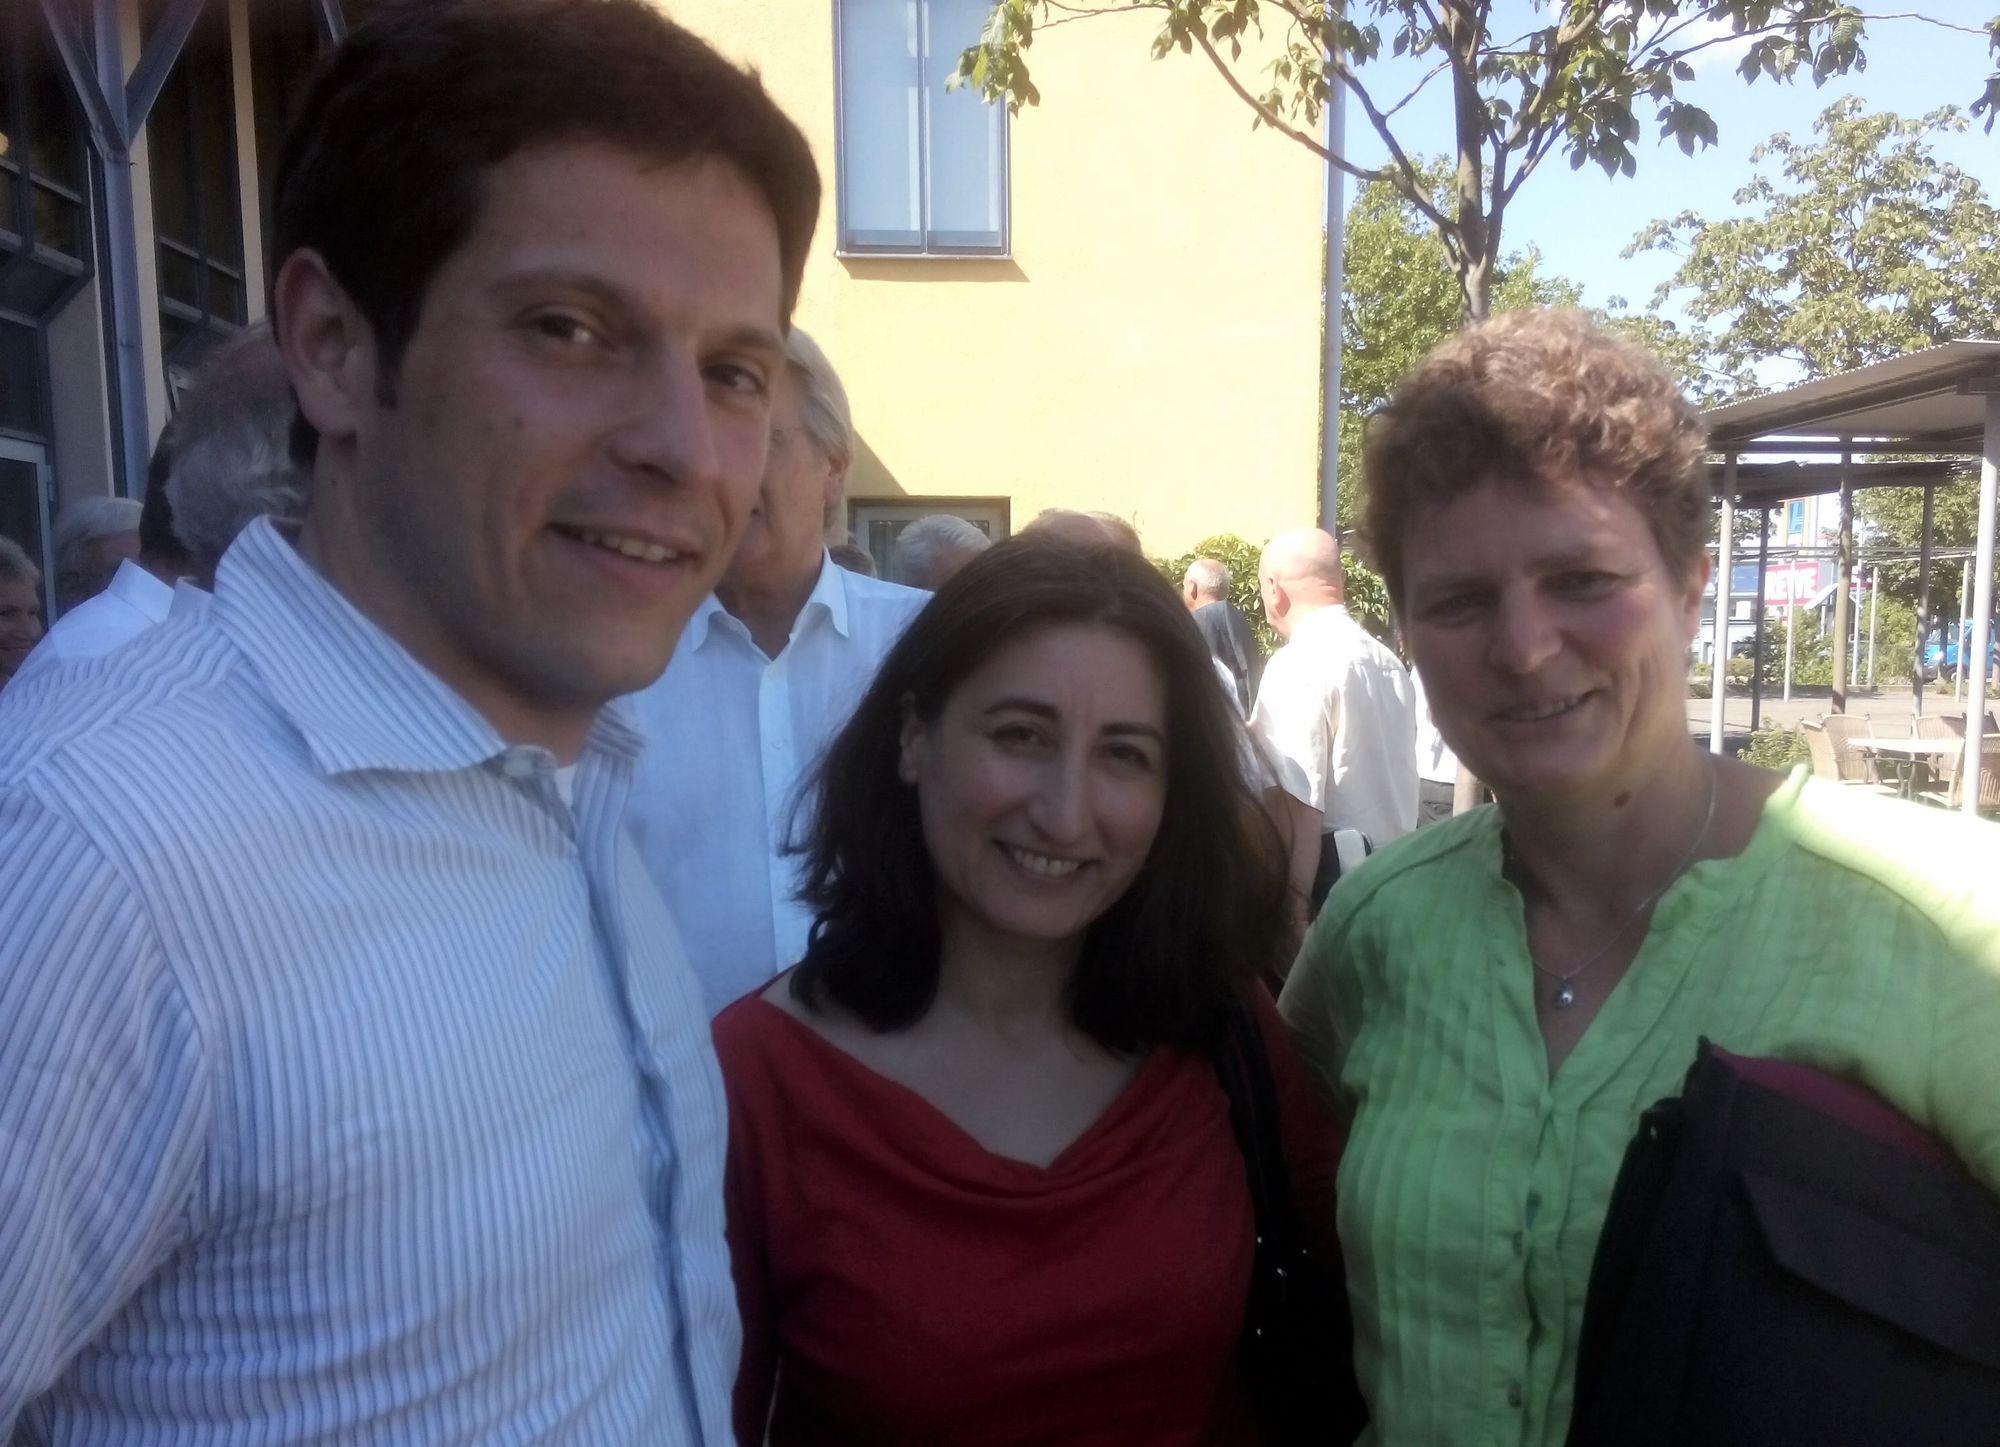 Jürgen Kretz, Fadime Tuncer und Anja Wirtherle vor dem Kongresszentrum Harres.